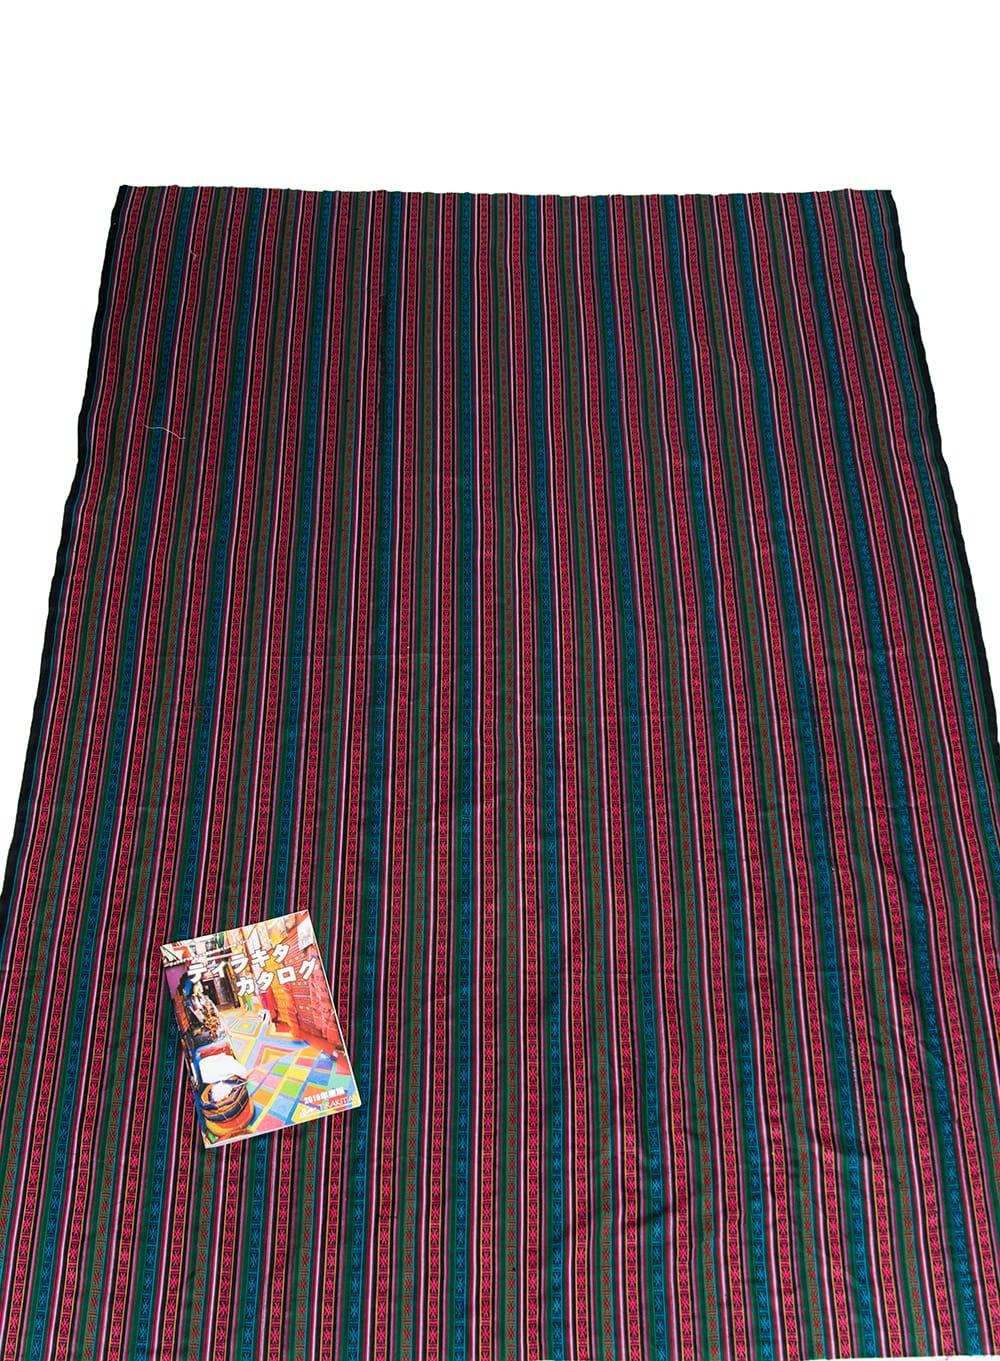 〔50cm切り売り〕ネパール織り生地-薄手 - 〔幅146cm〕 5 - A4の冊子と大きさを比較してみるとこれくらいになります。